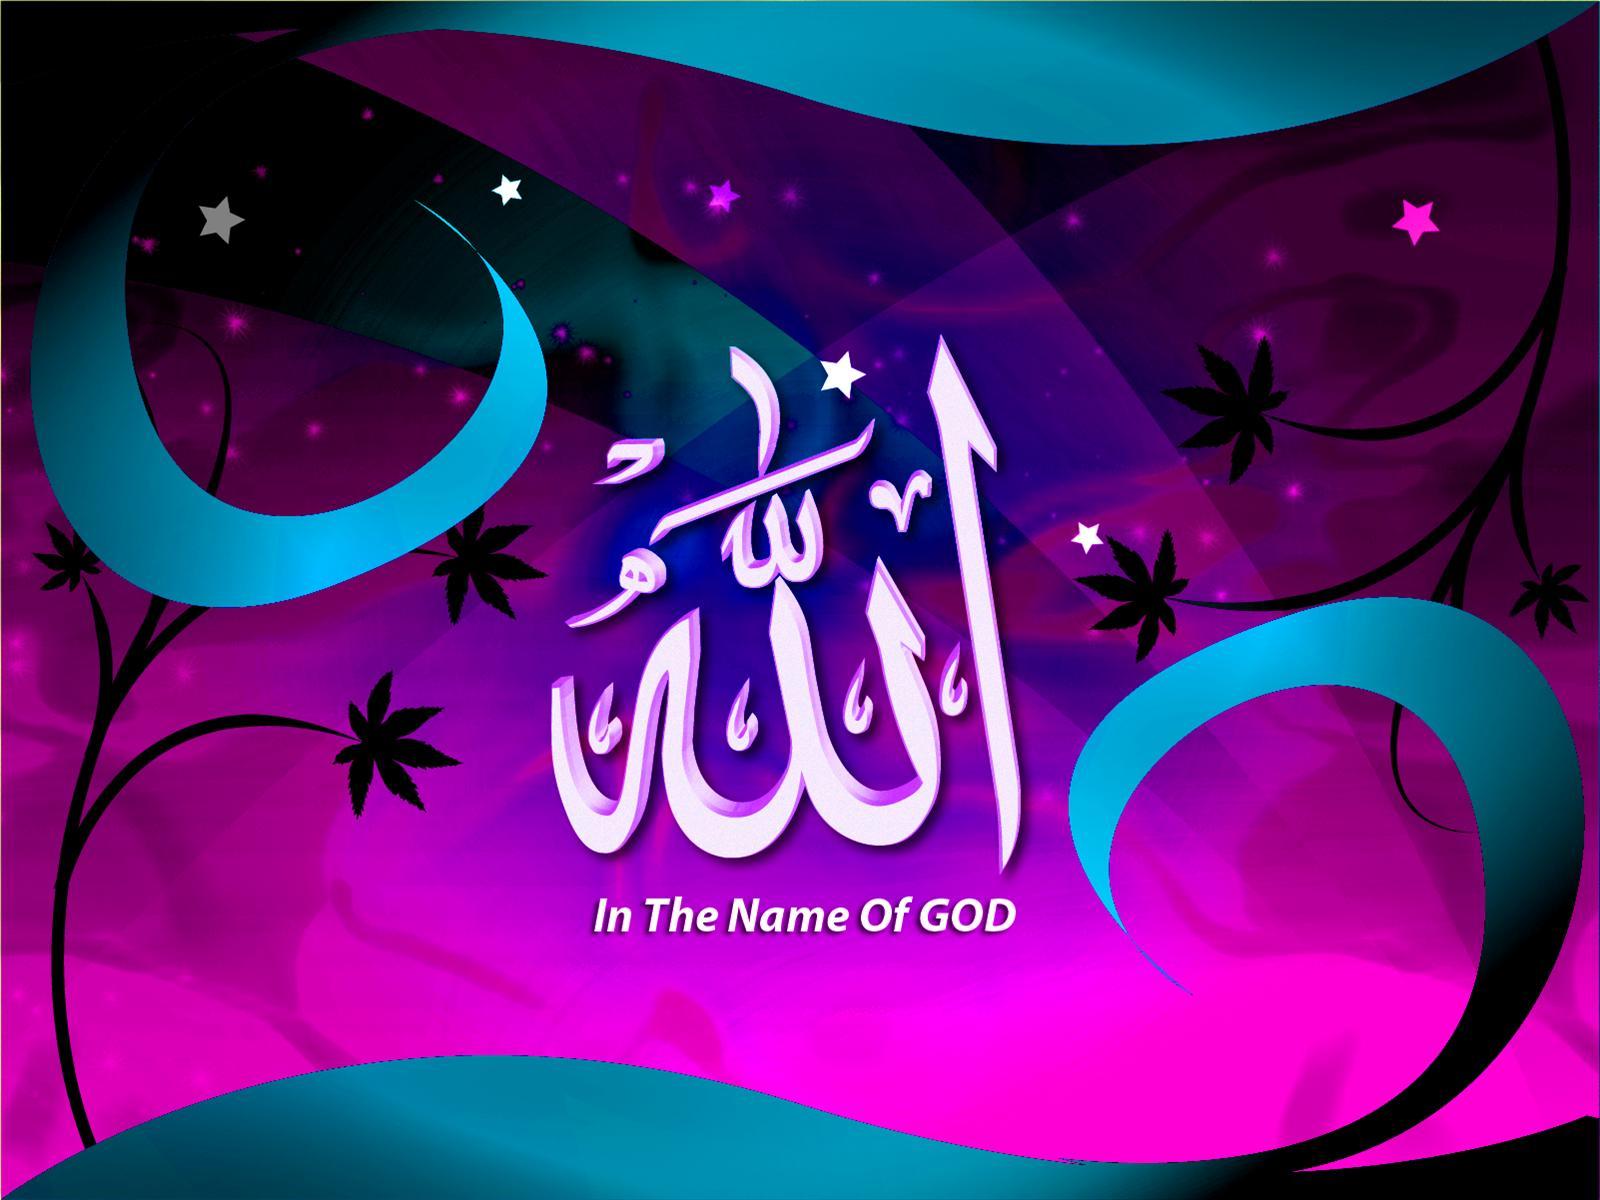 Allah Background wallpapers JoinIslamOnline 1600x1200